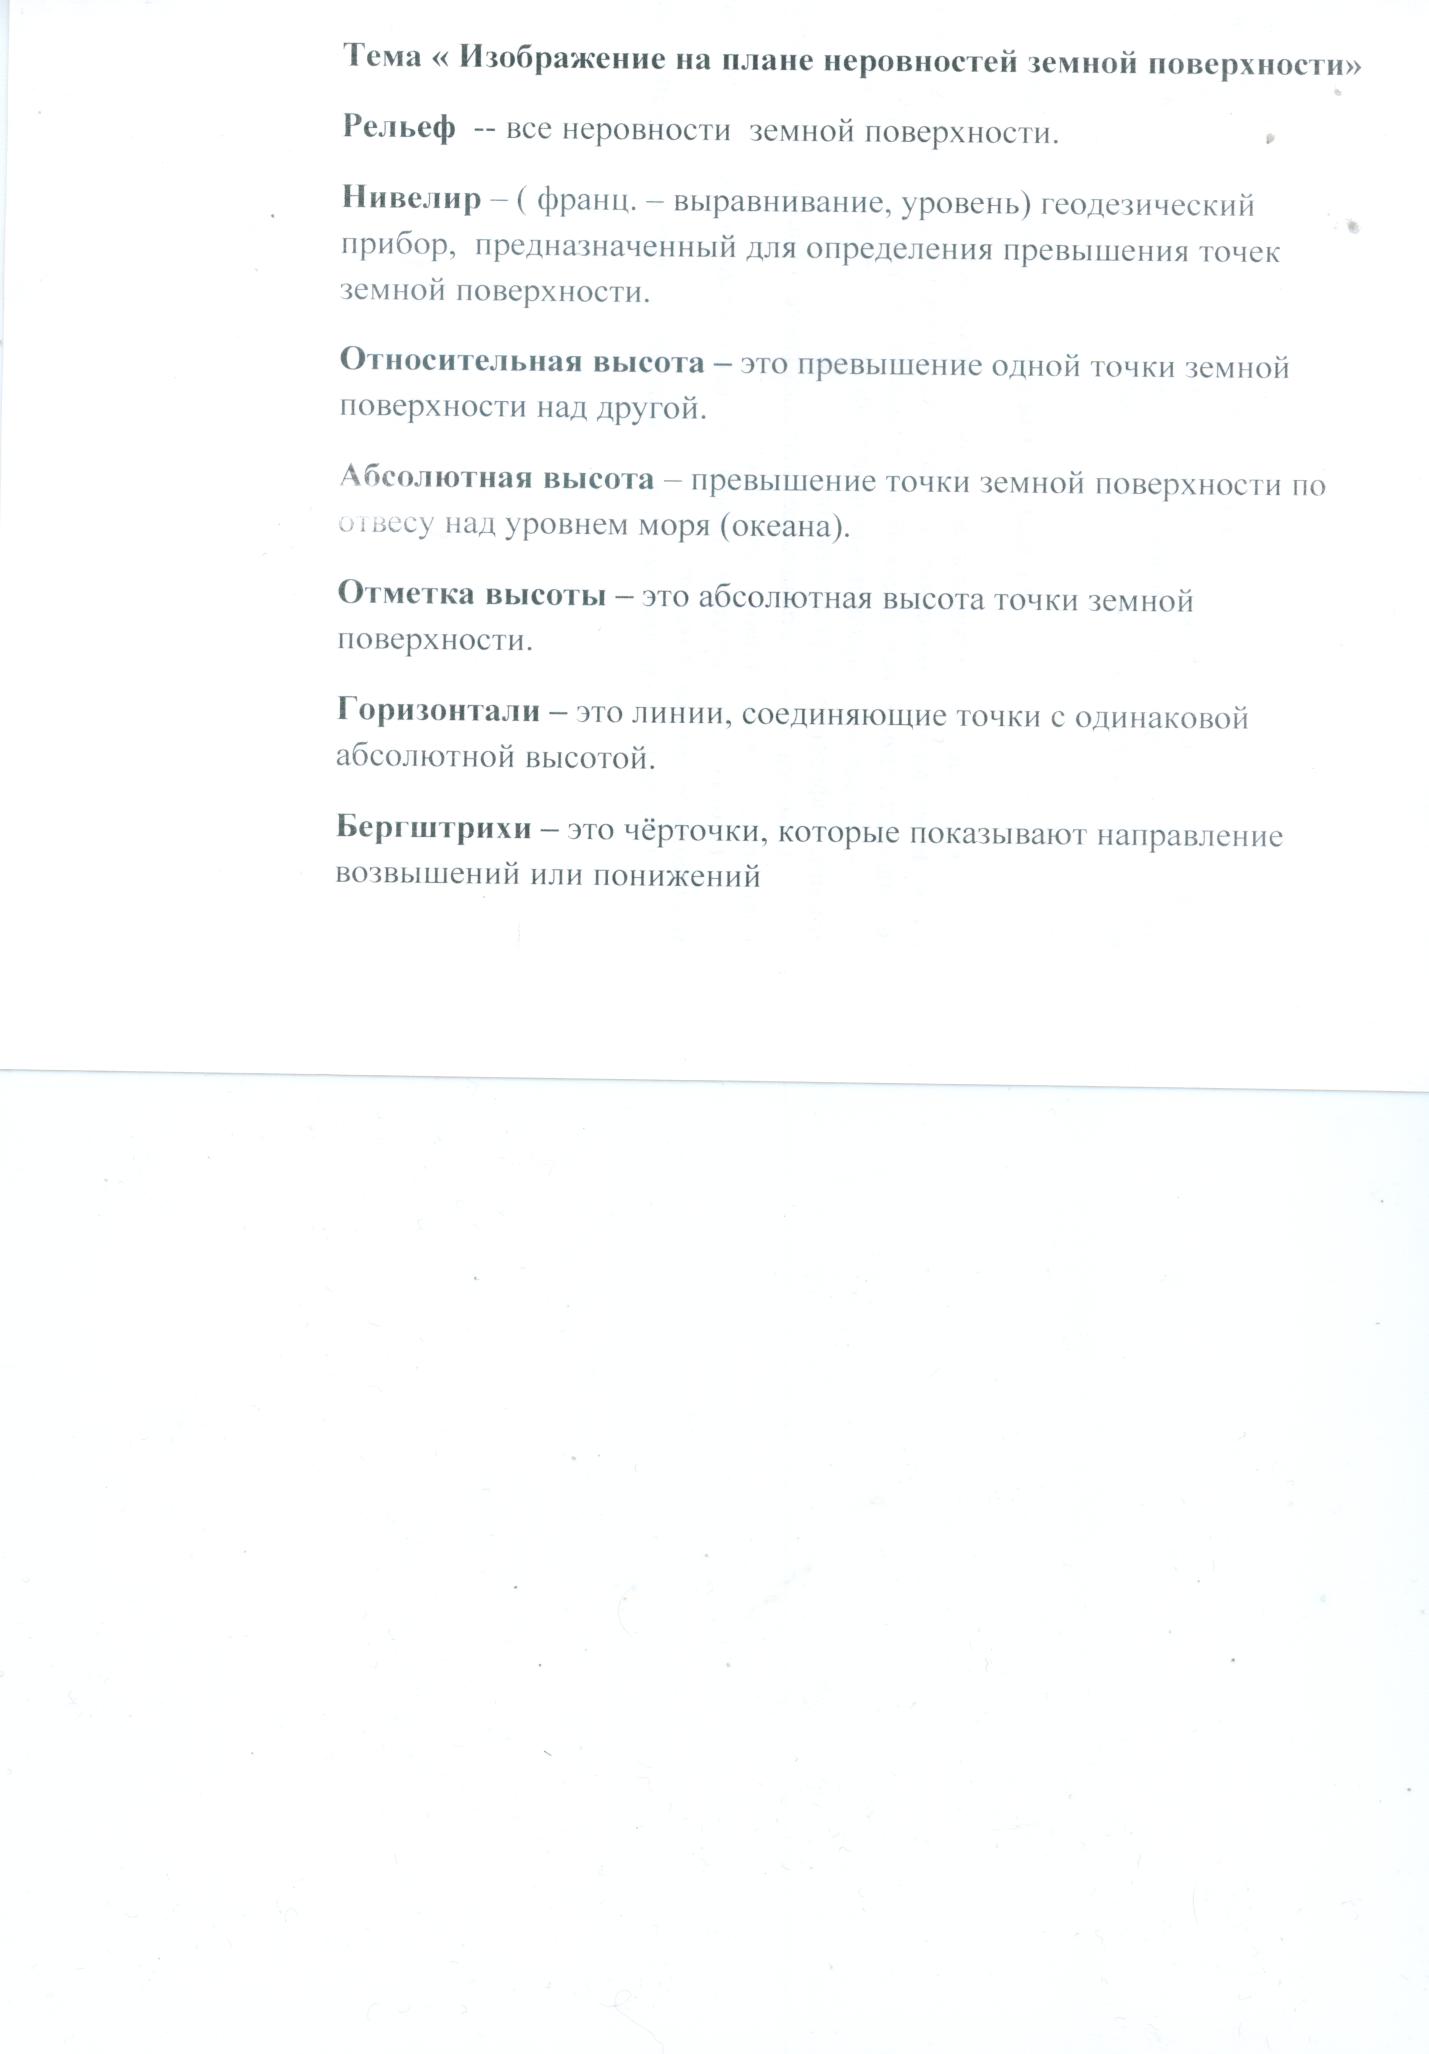 D:\Documents\сканирование\20141215\Image6.bmp